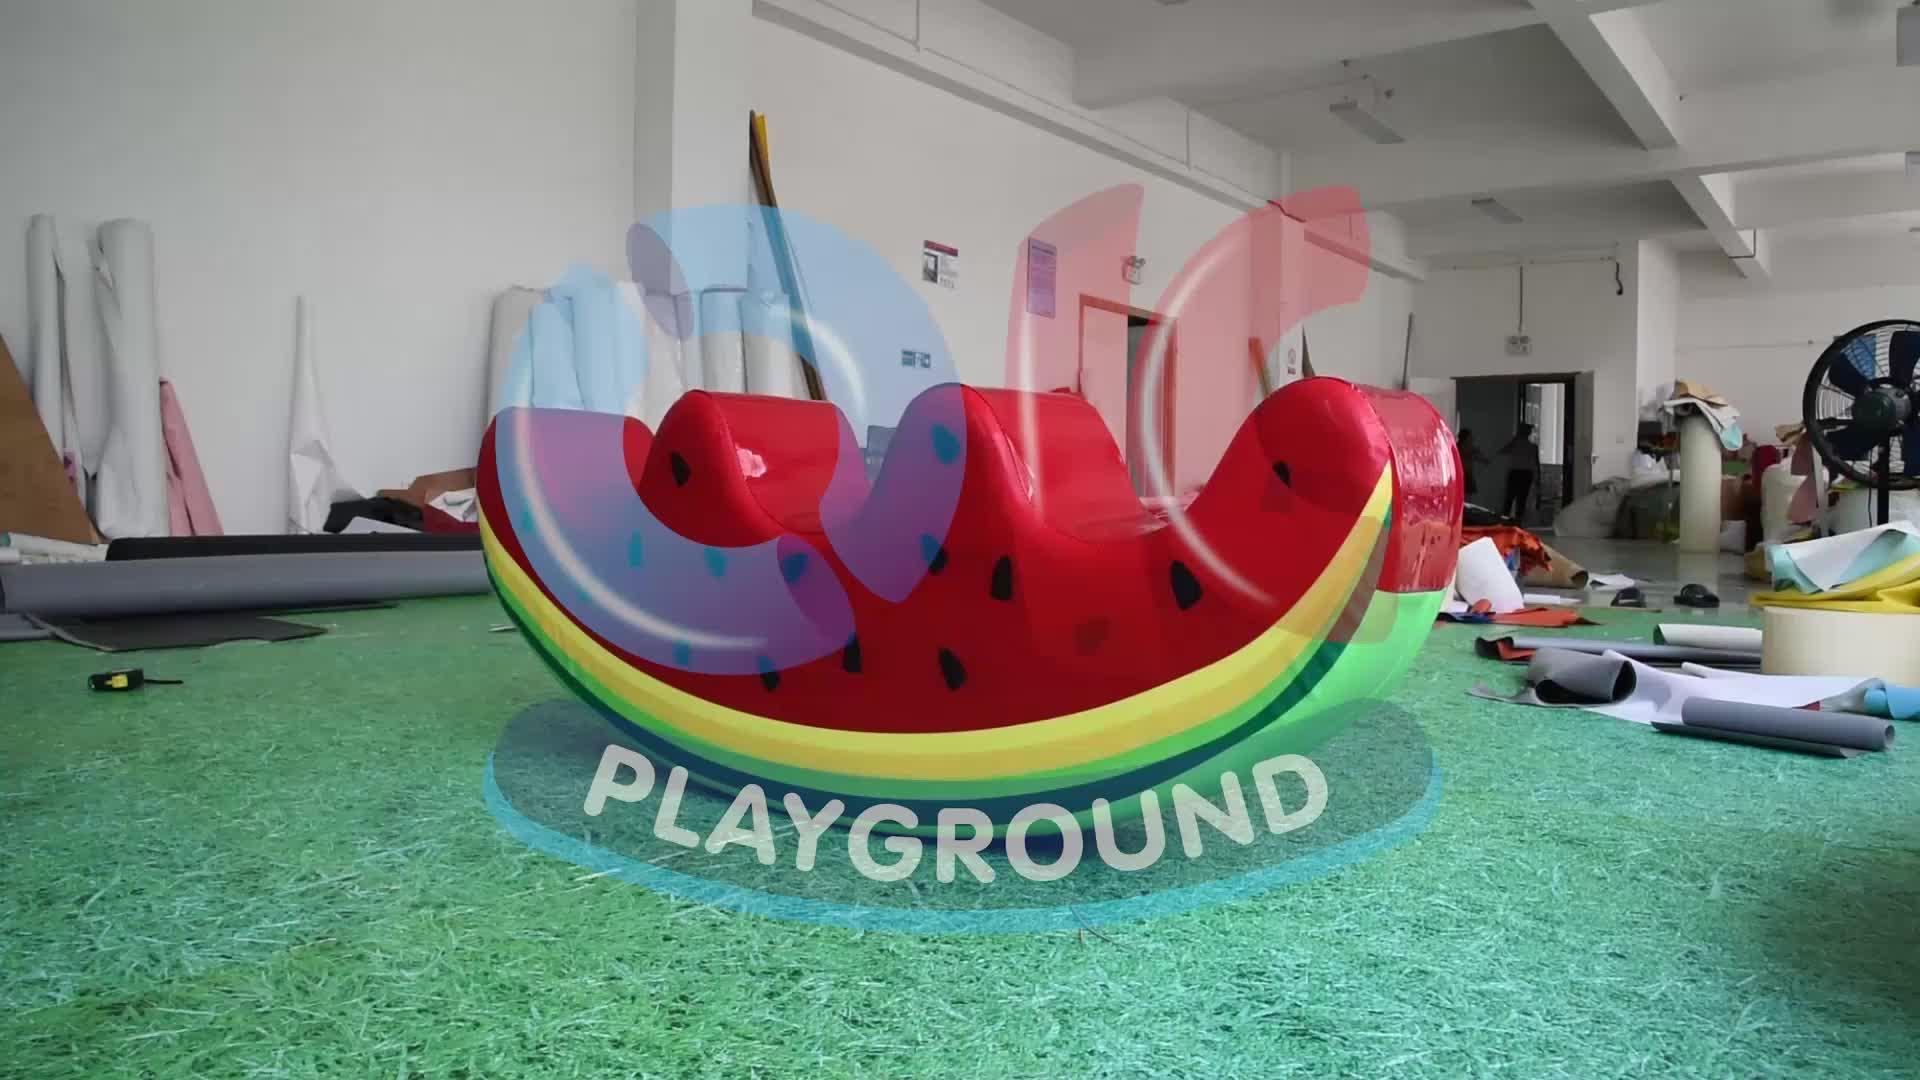 מתקני שעשועים לילדים פלסטיק מקורה לילדים בית משחק פרק שעשועים